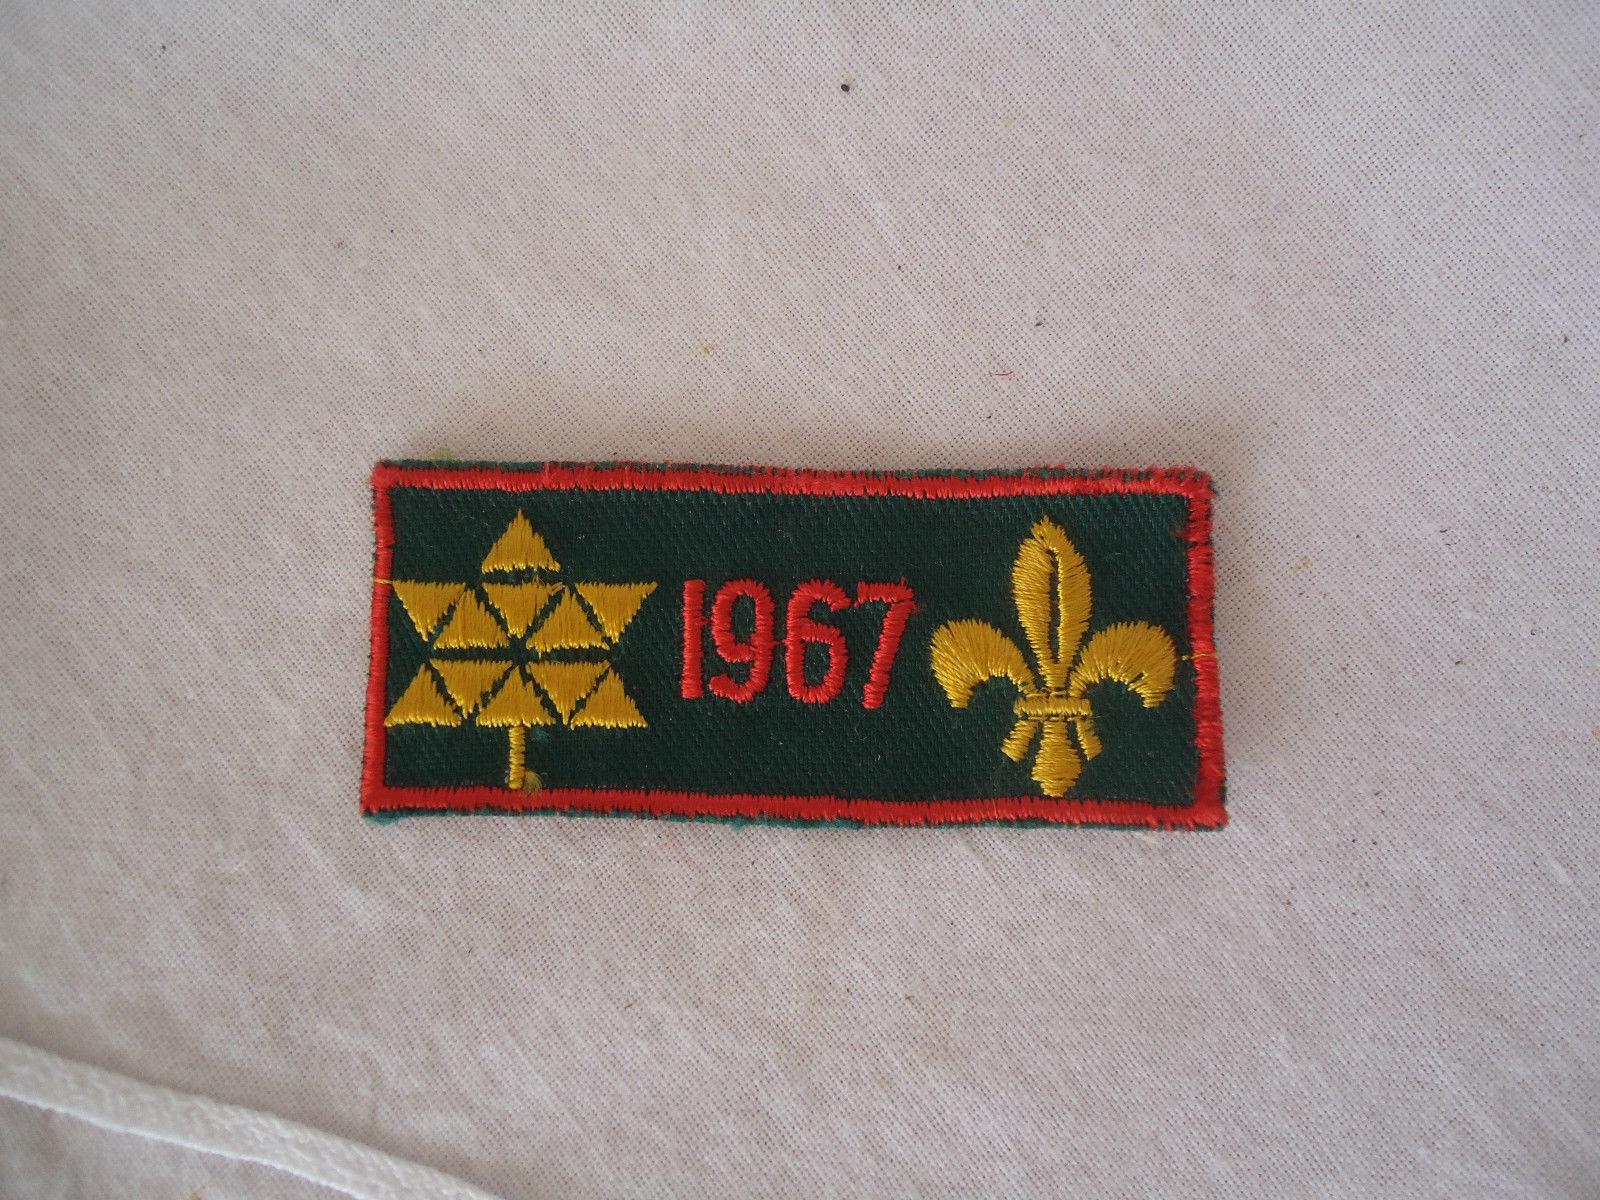 1967 Vintage Boy Scouts Patch Boy Scouts of Canada Fleur-de-lis